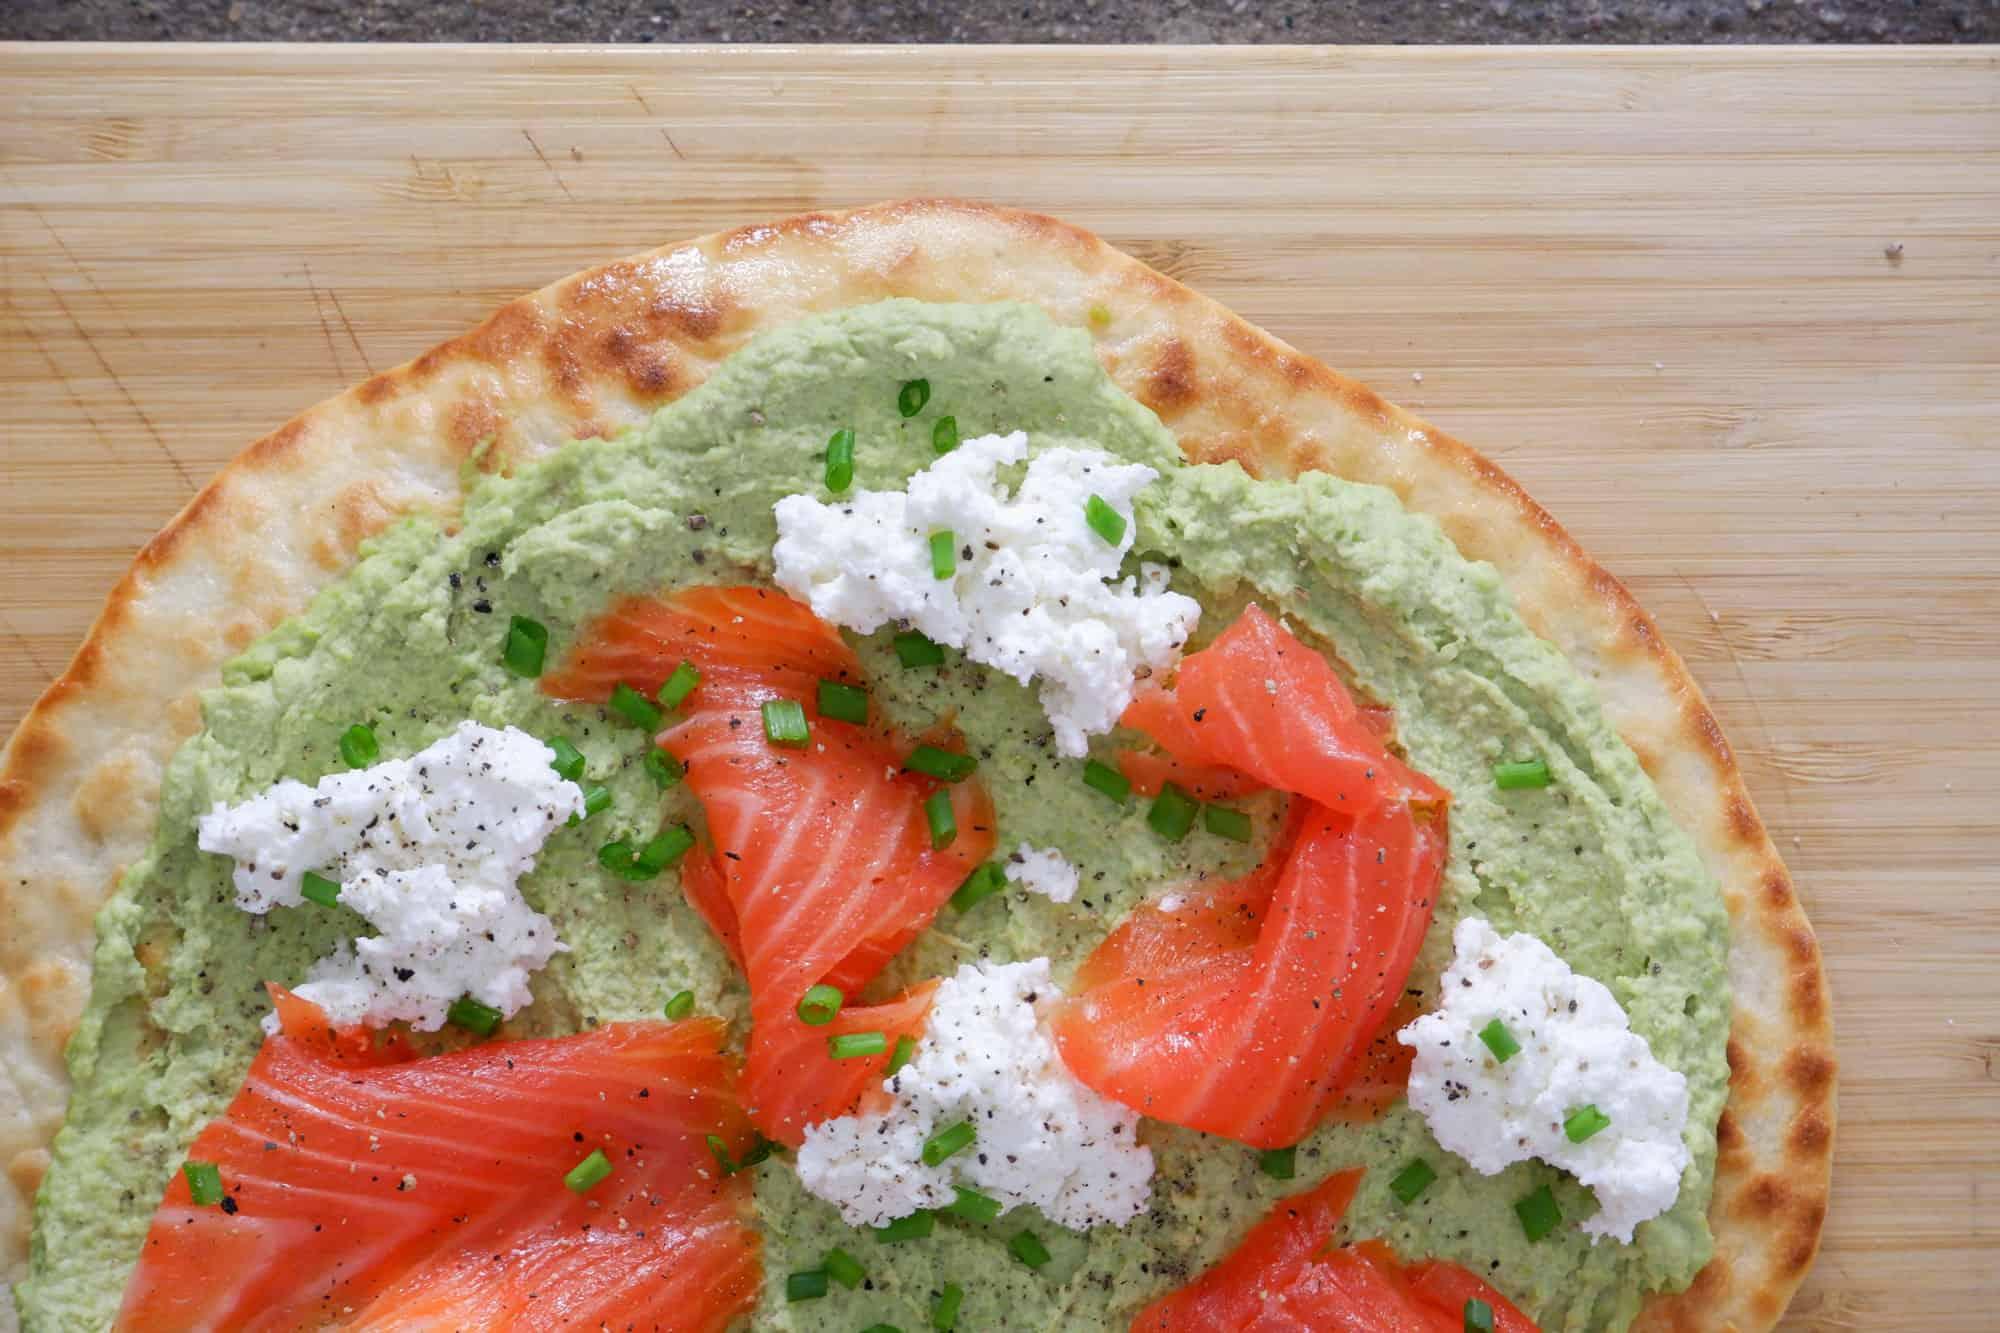 galette-proteica-con-crema-di-edamame-e-salmone-09